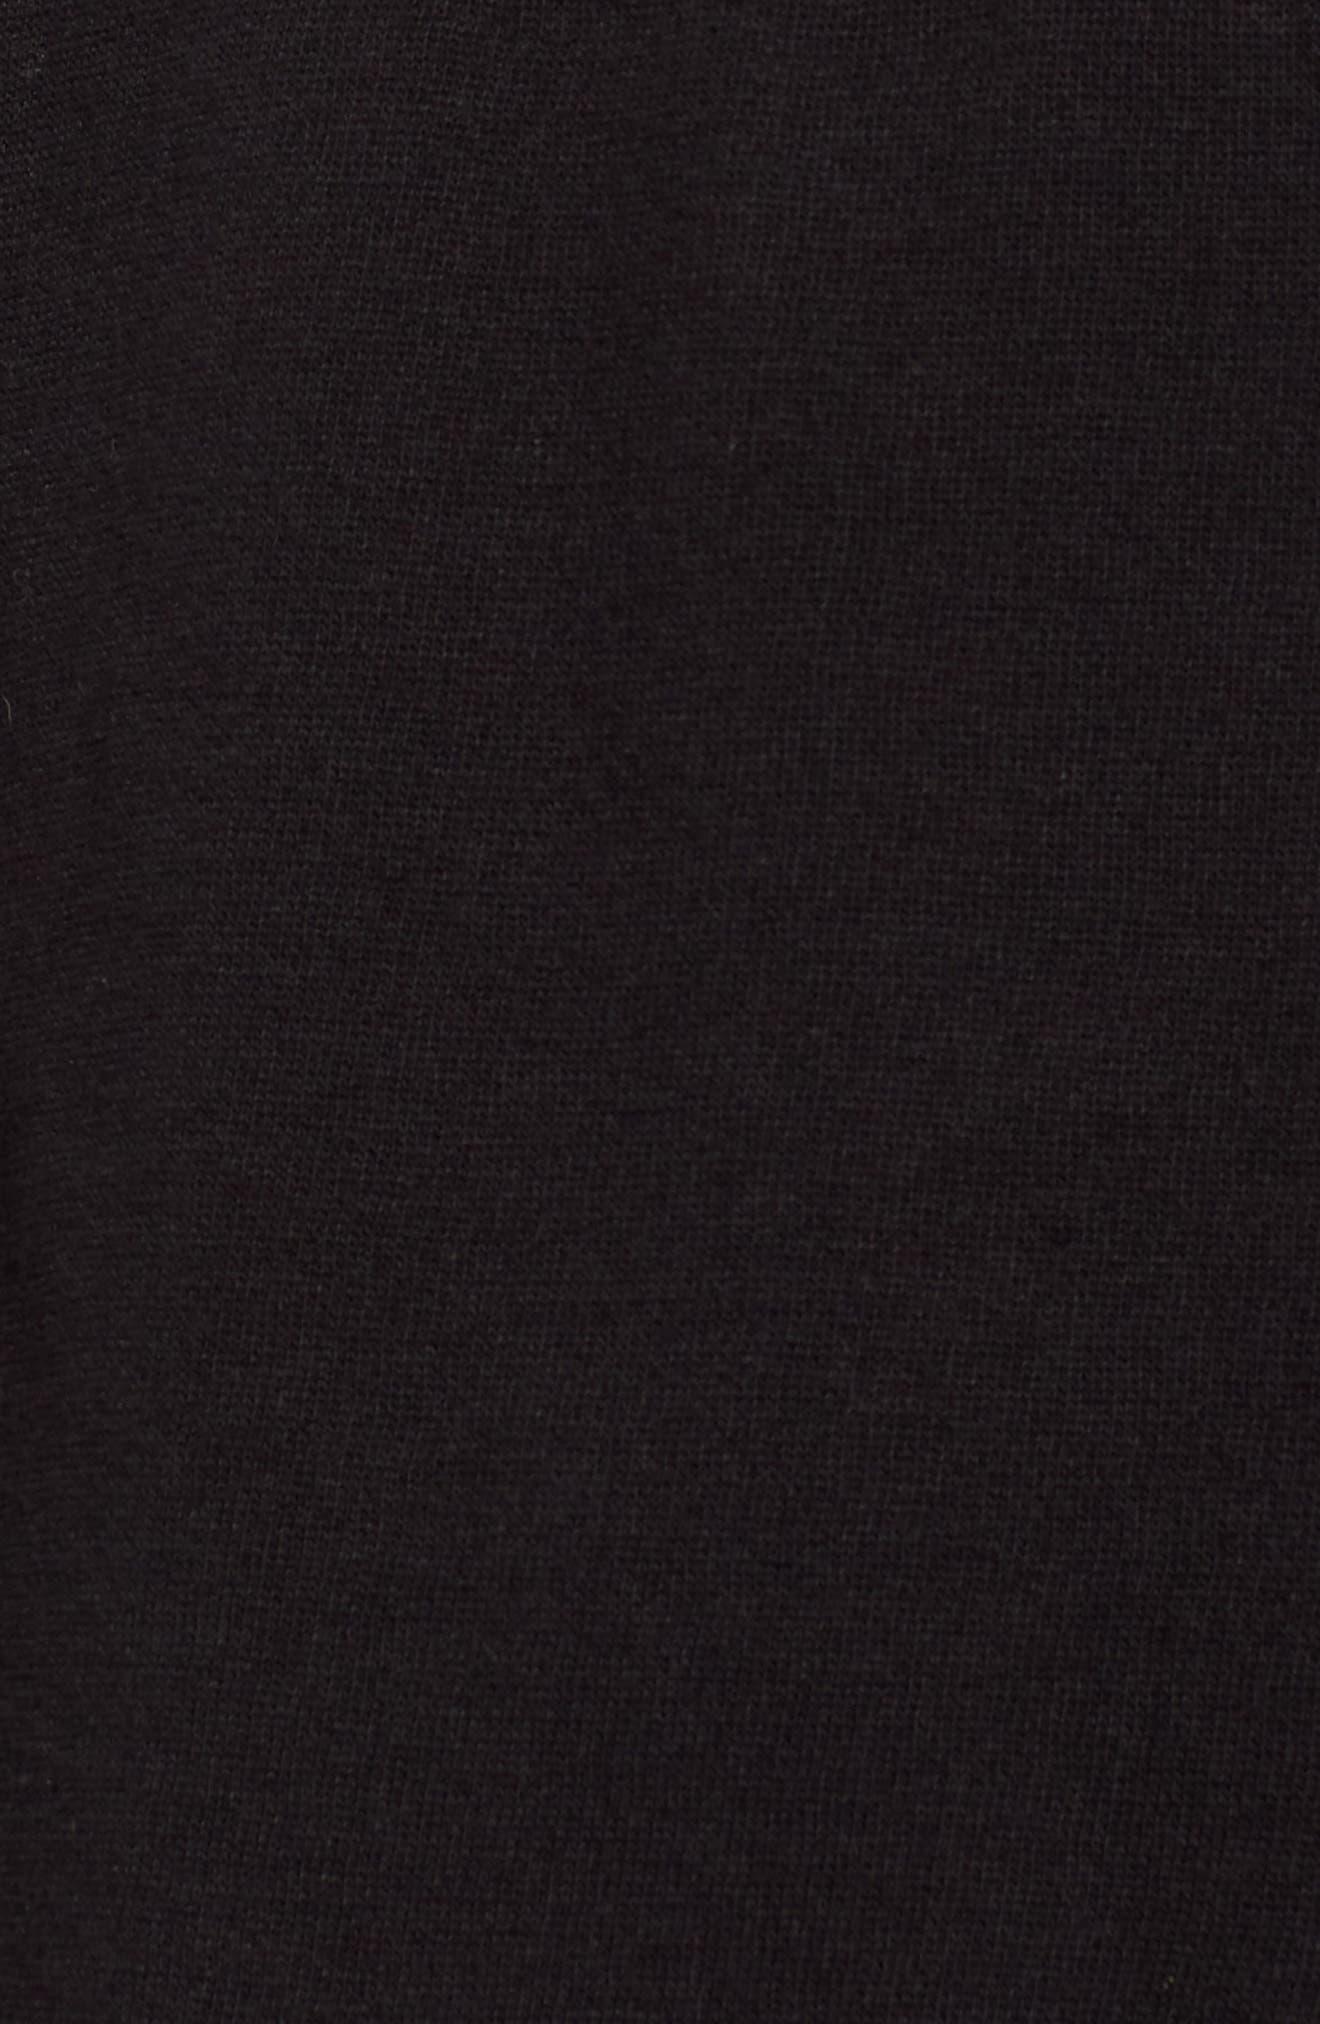 Bell Sleeve Hoodie,                             Alternate thumbnail 5, color,                             001